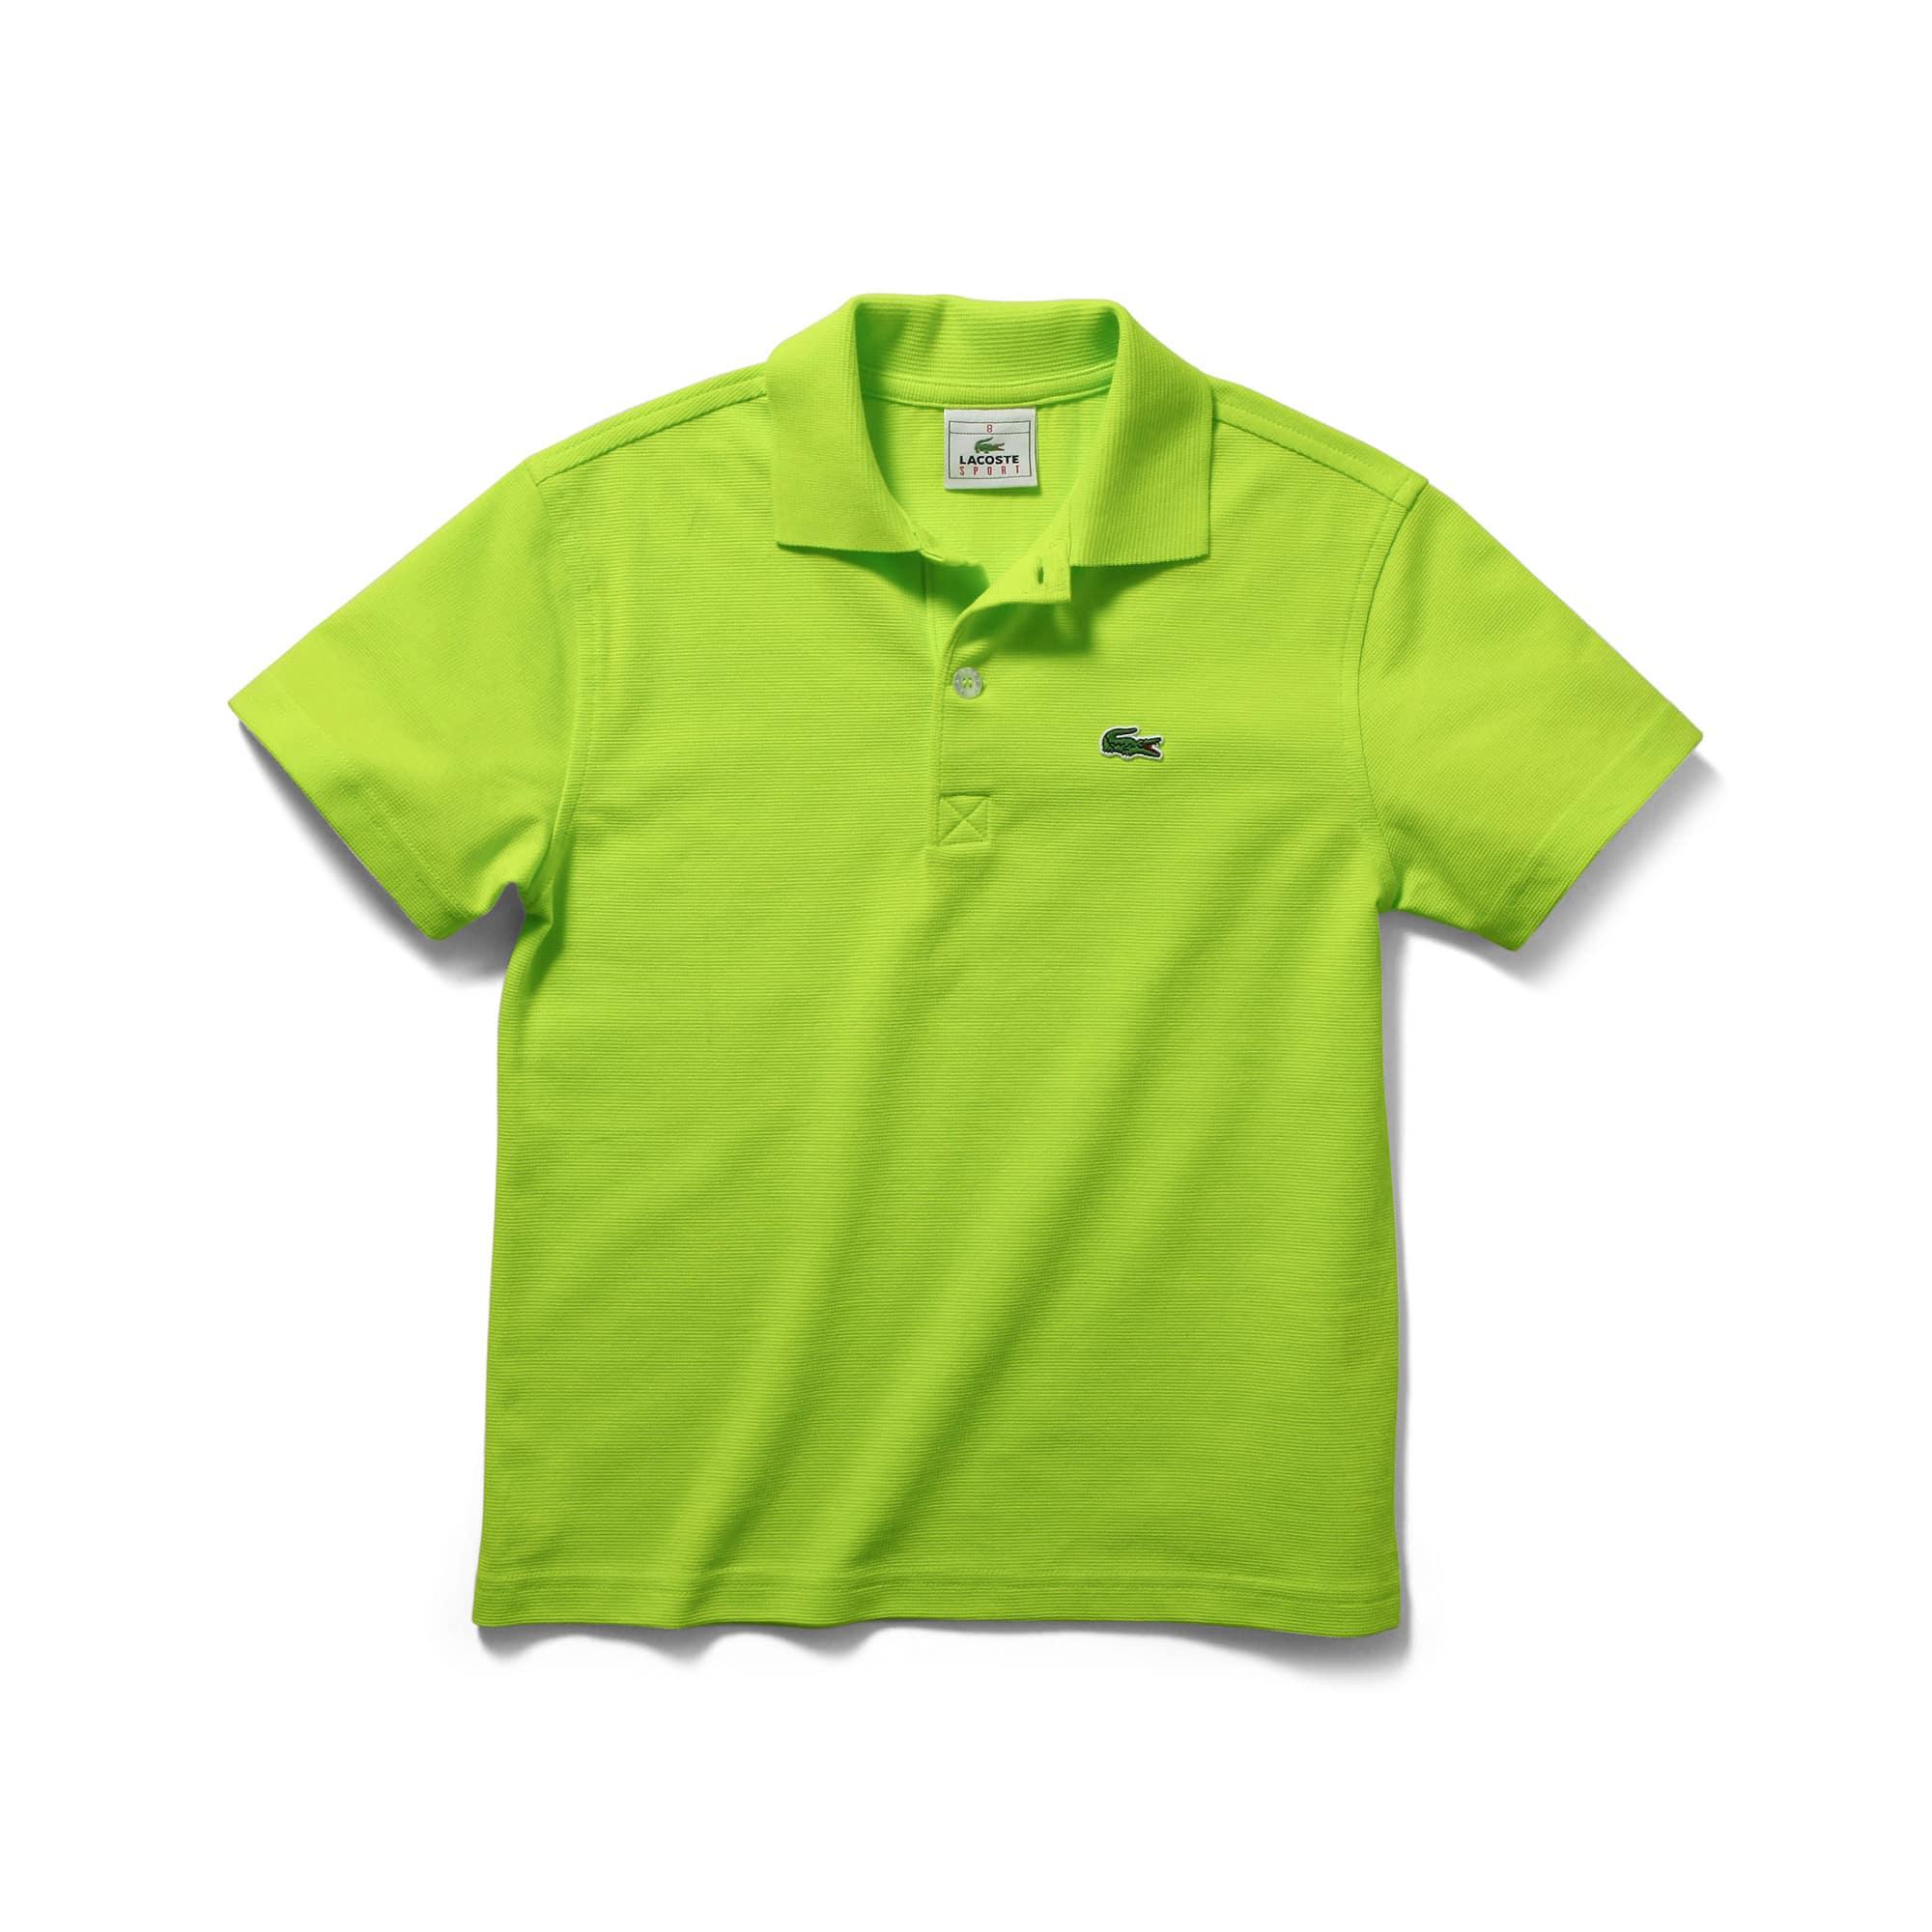 Polo Menino Tennis Lacoste SPORT em algodão superleve unicolor